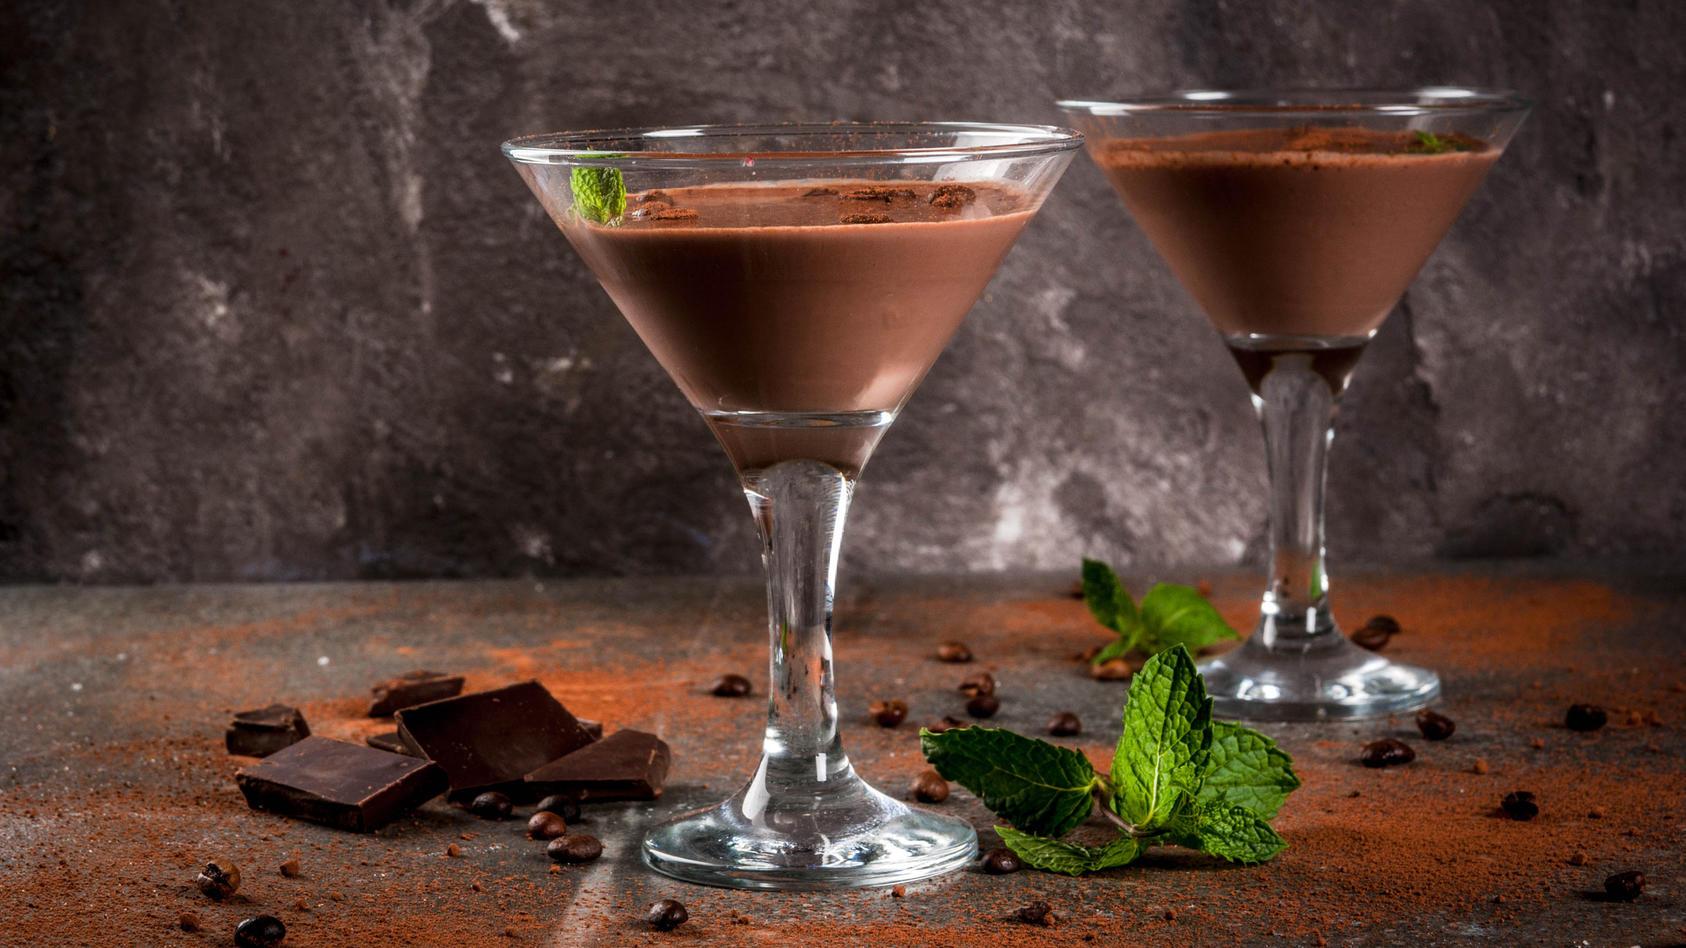 Herrlich schokoladiger Alkoholgenuss: Nutella-Schnaps.